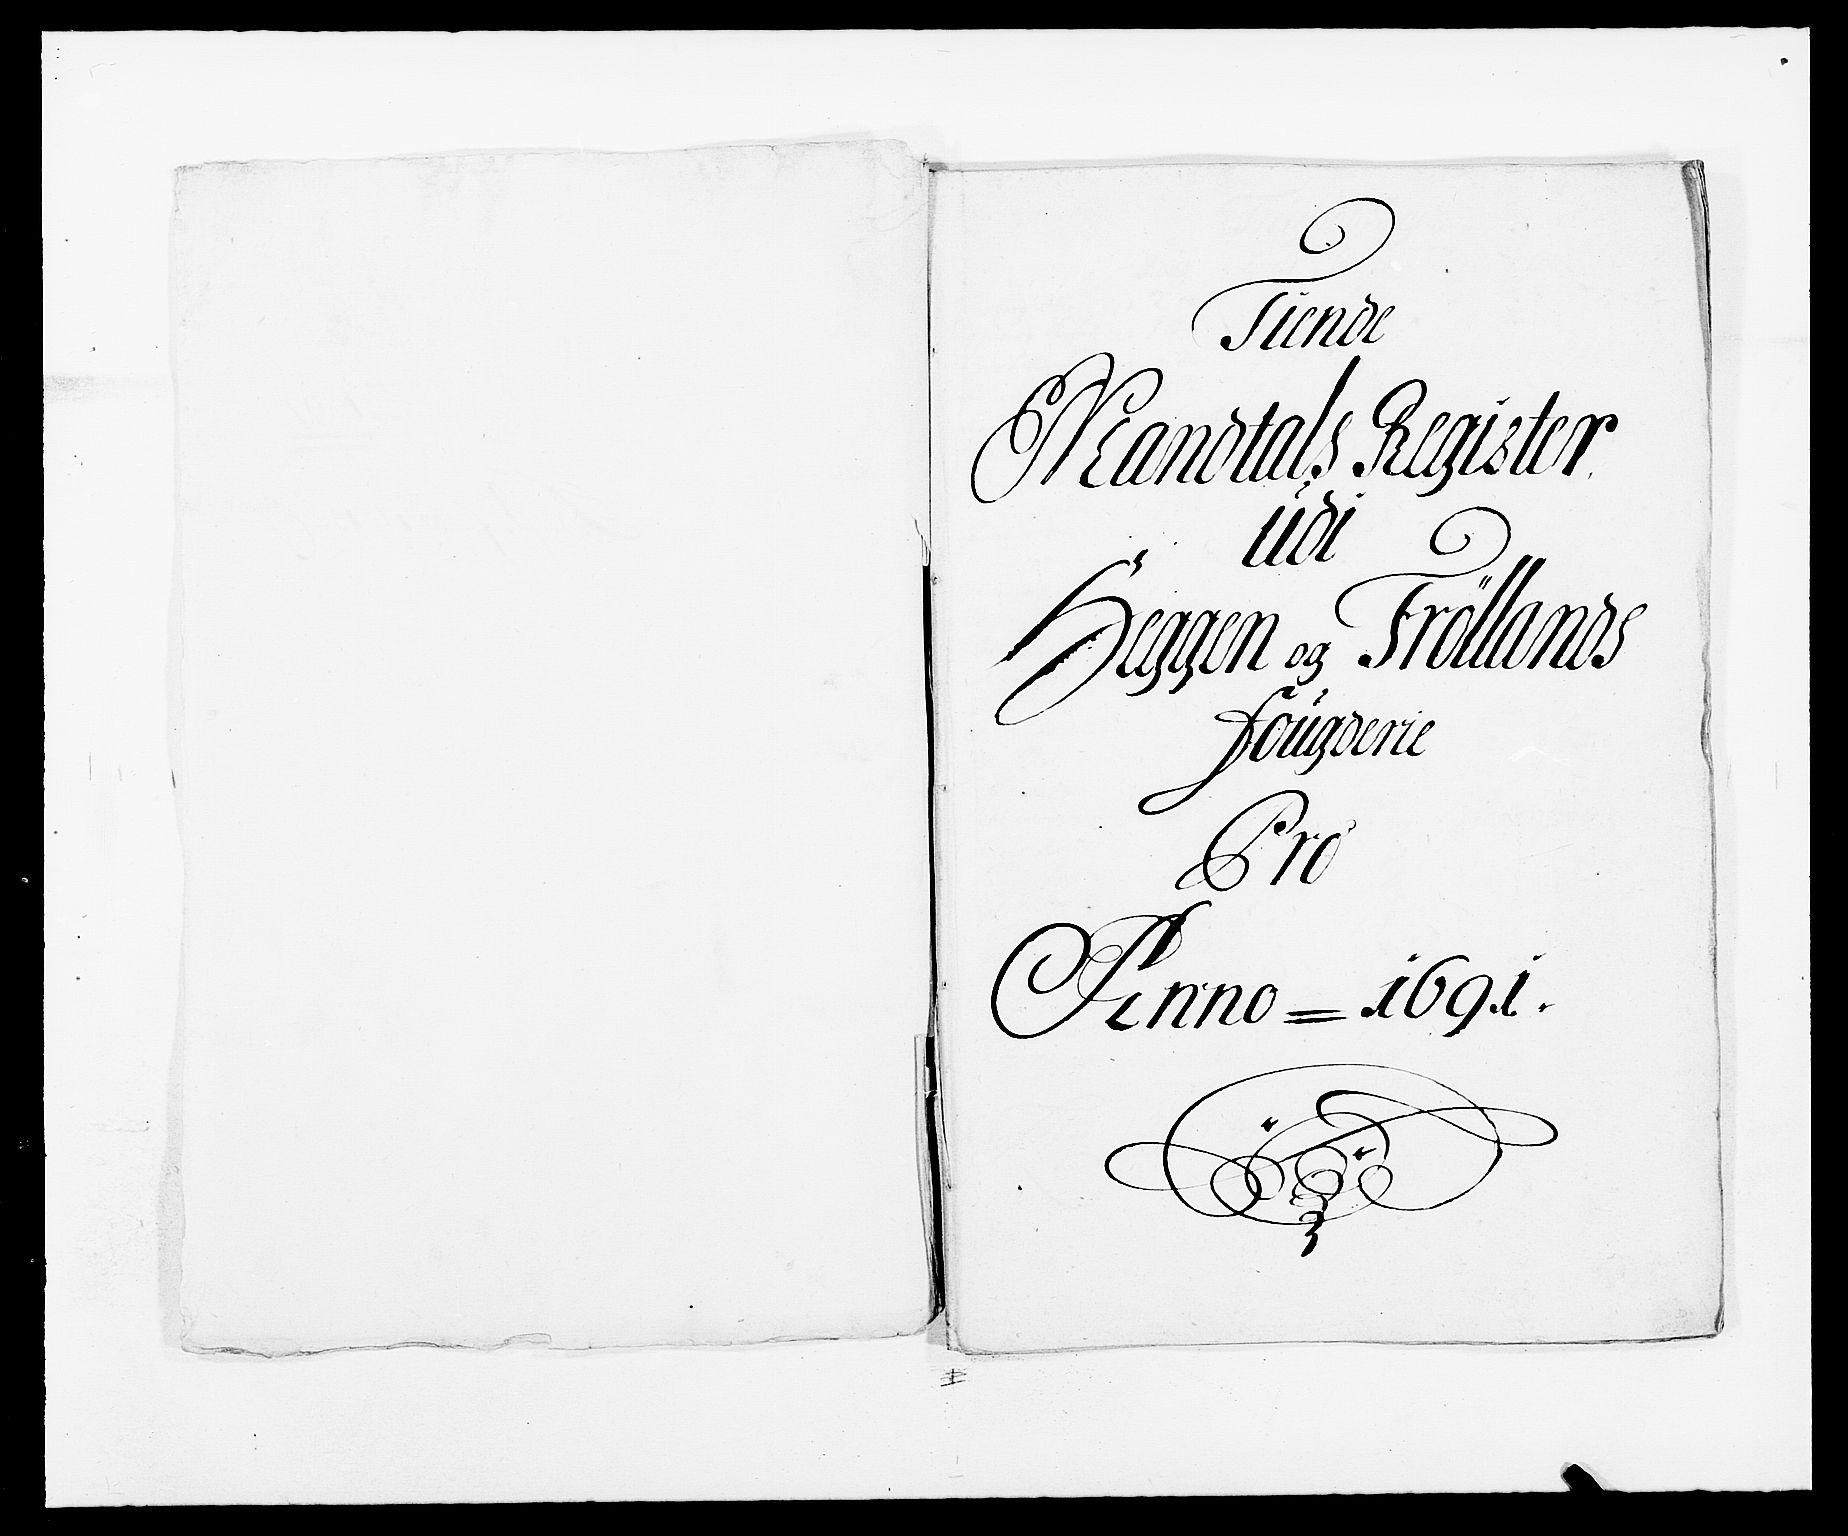 RA, Rentekammeret inntil 1814, Reviderte regnskaper, Fogderegnskap, R06/L0283: Fogderegnskap Heggen og Frøland, 1691-1693, s. 11